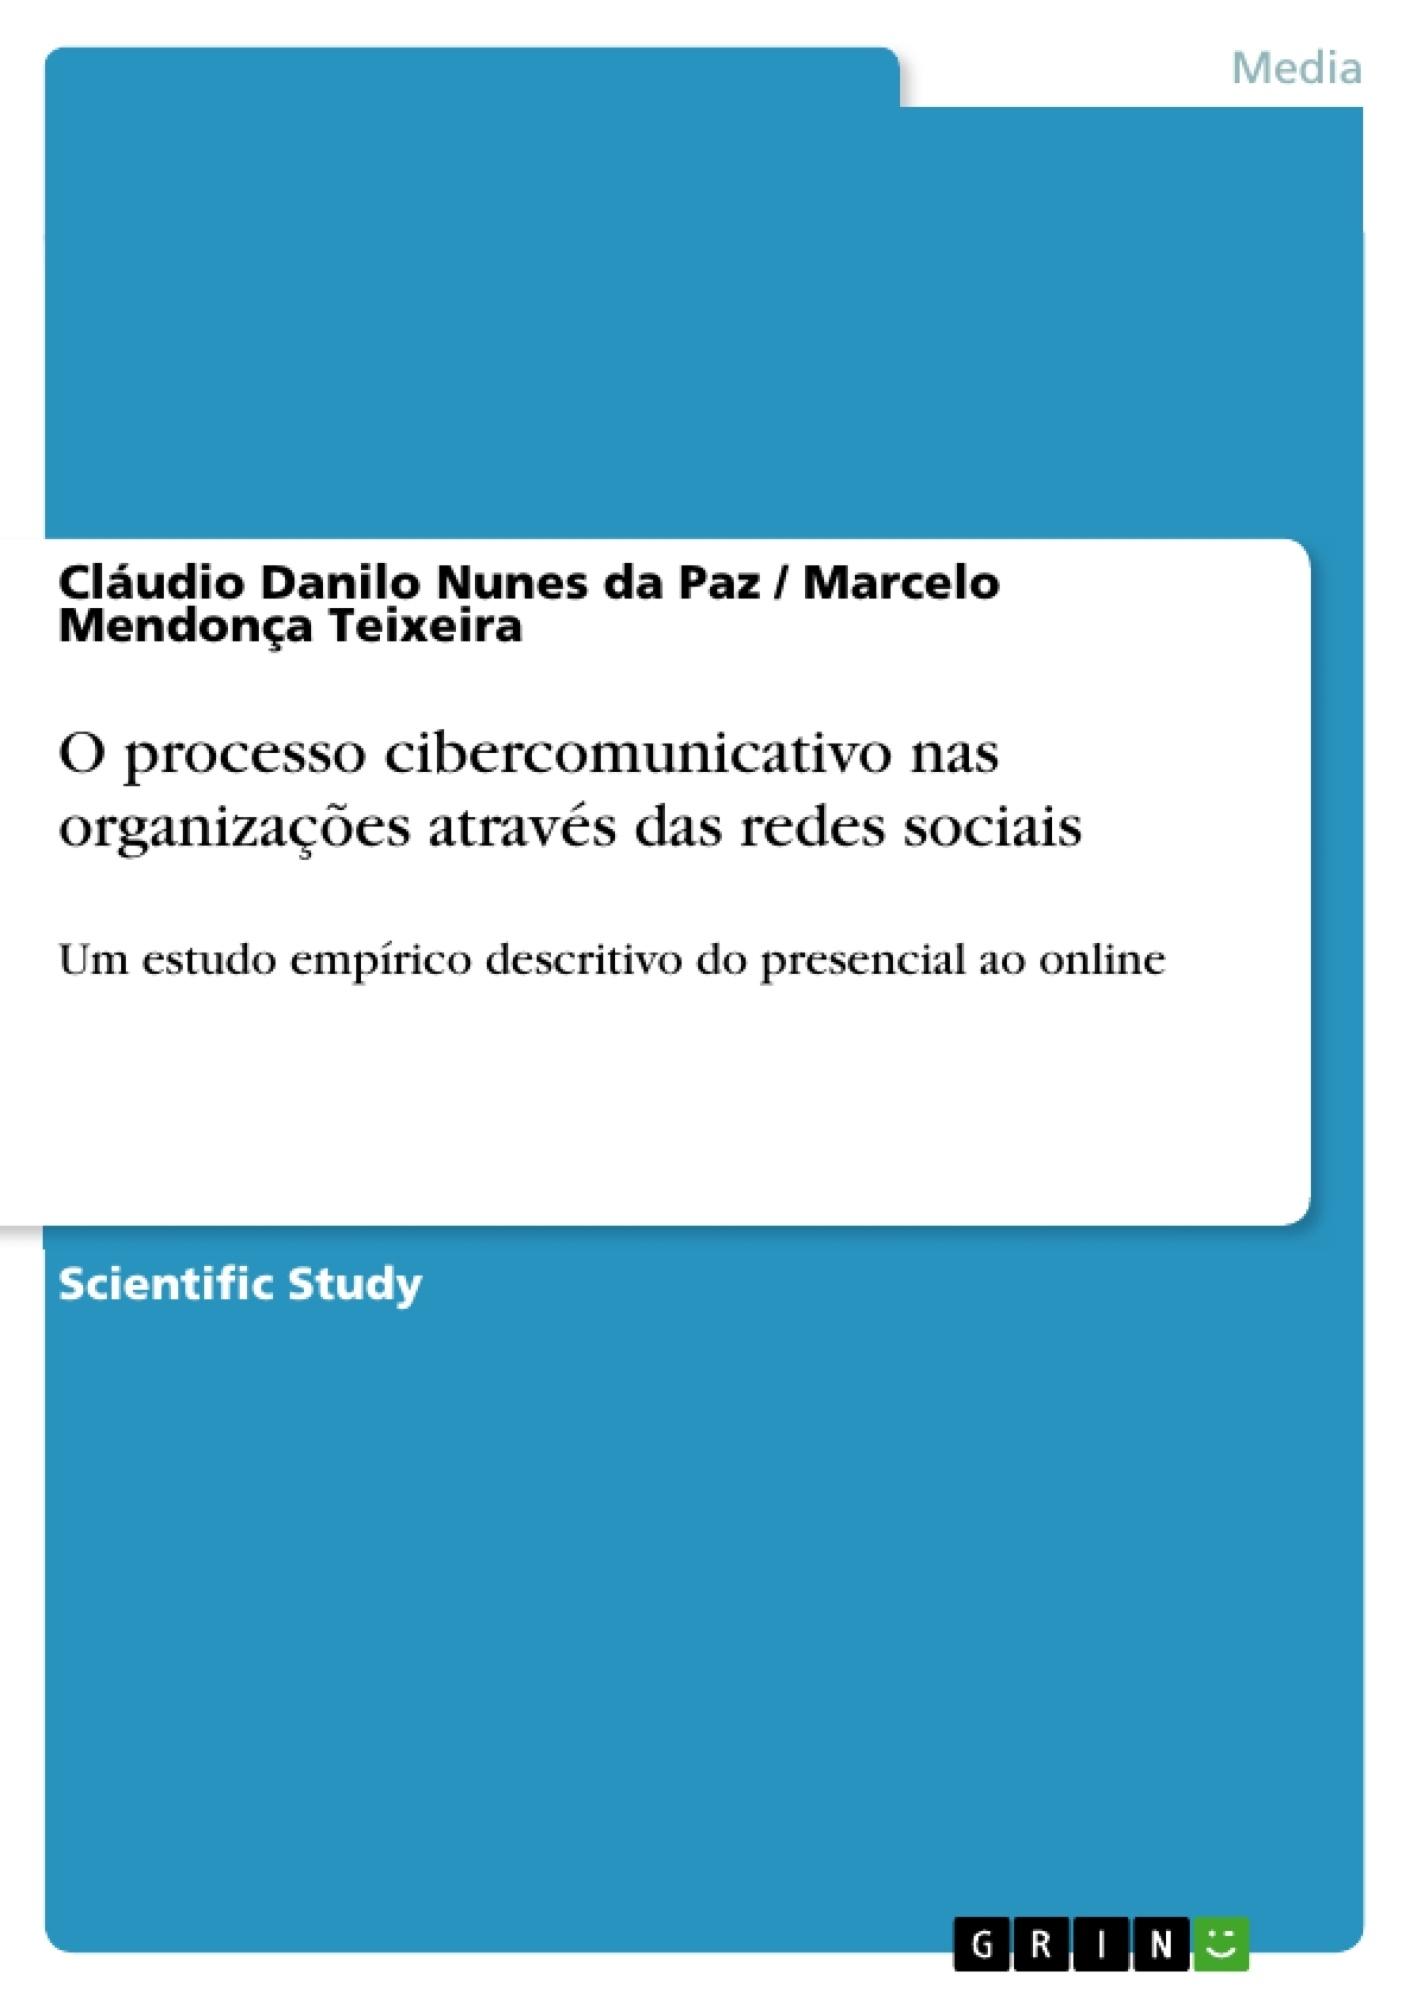 Title: O processo cibercomunicativo nas organizações através das redes sociais